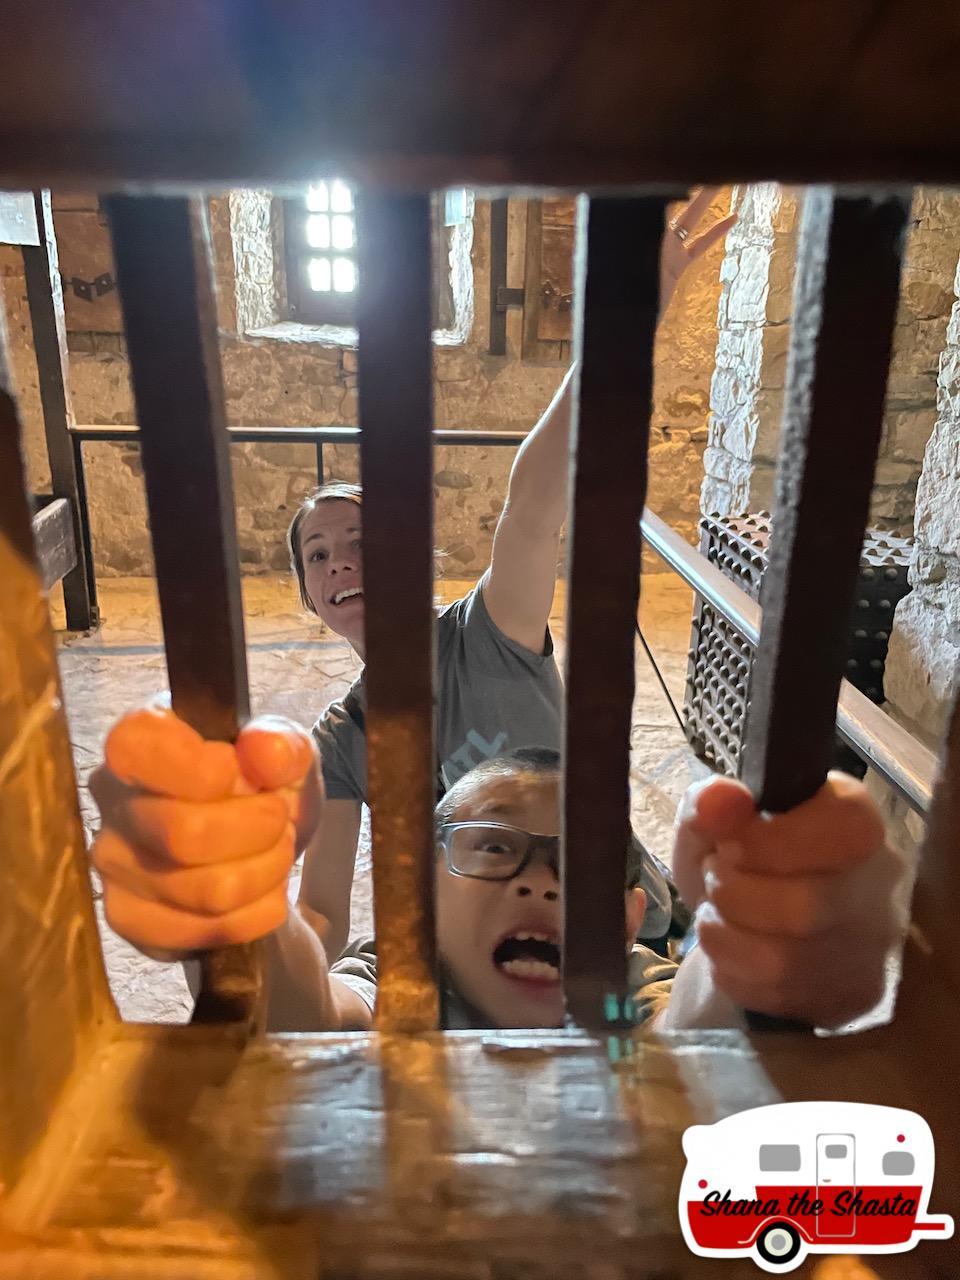 Old-Fort-Jail-Room